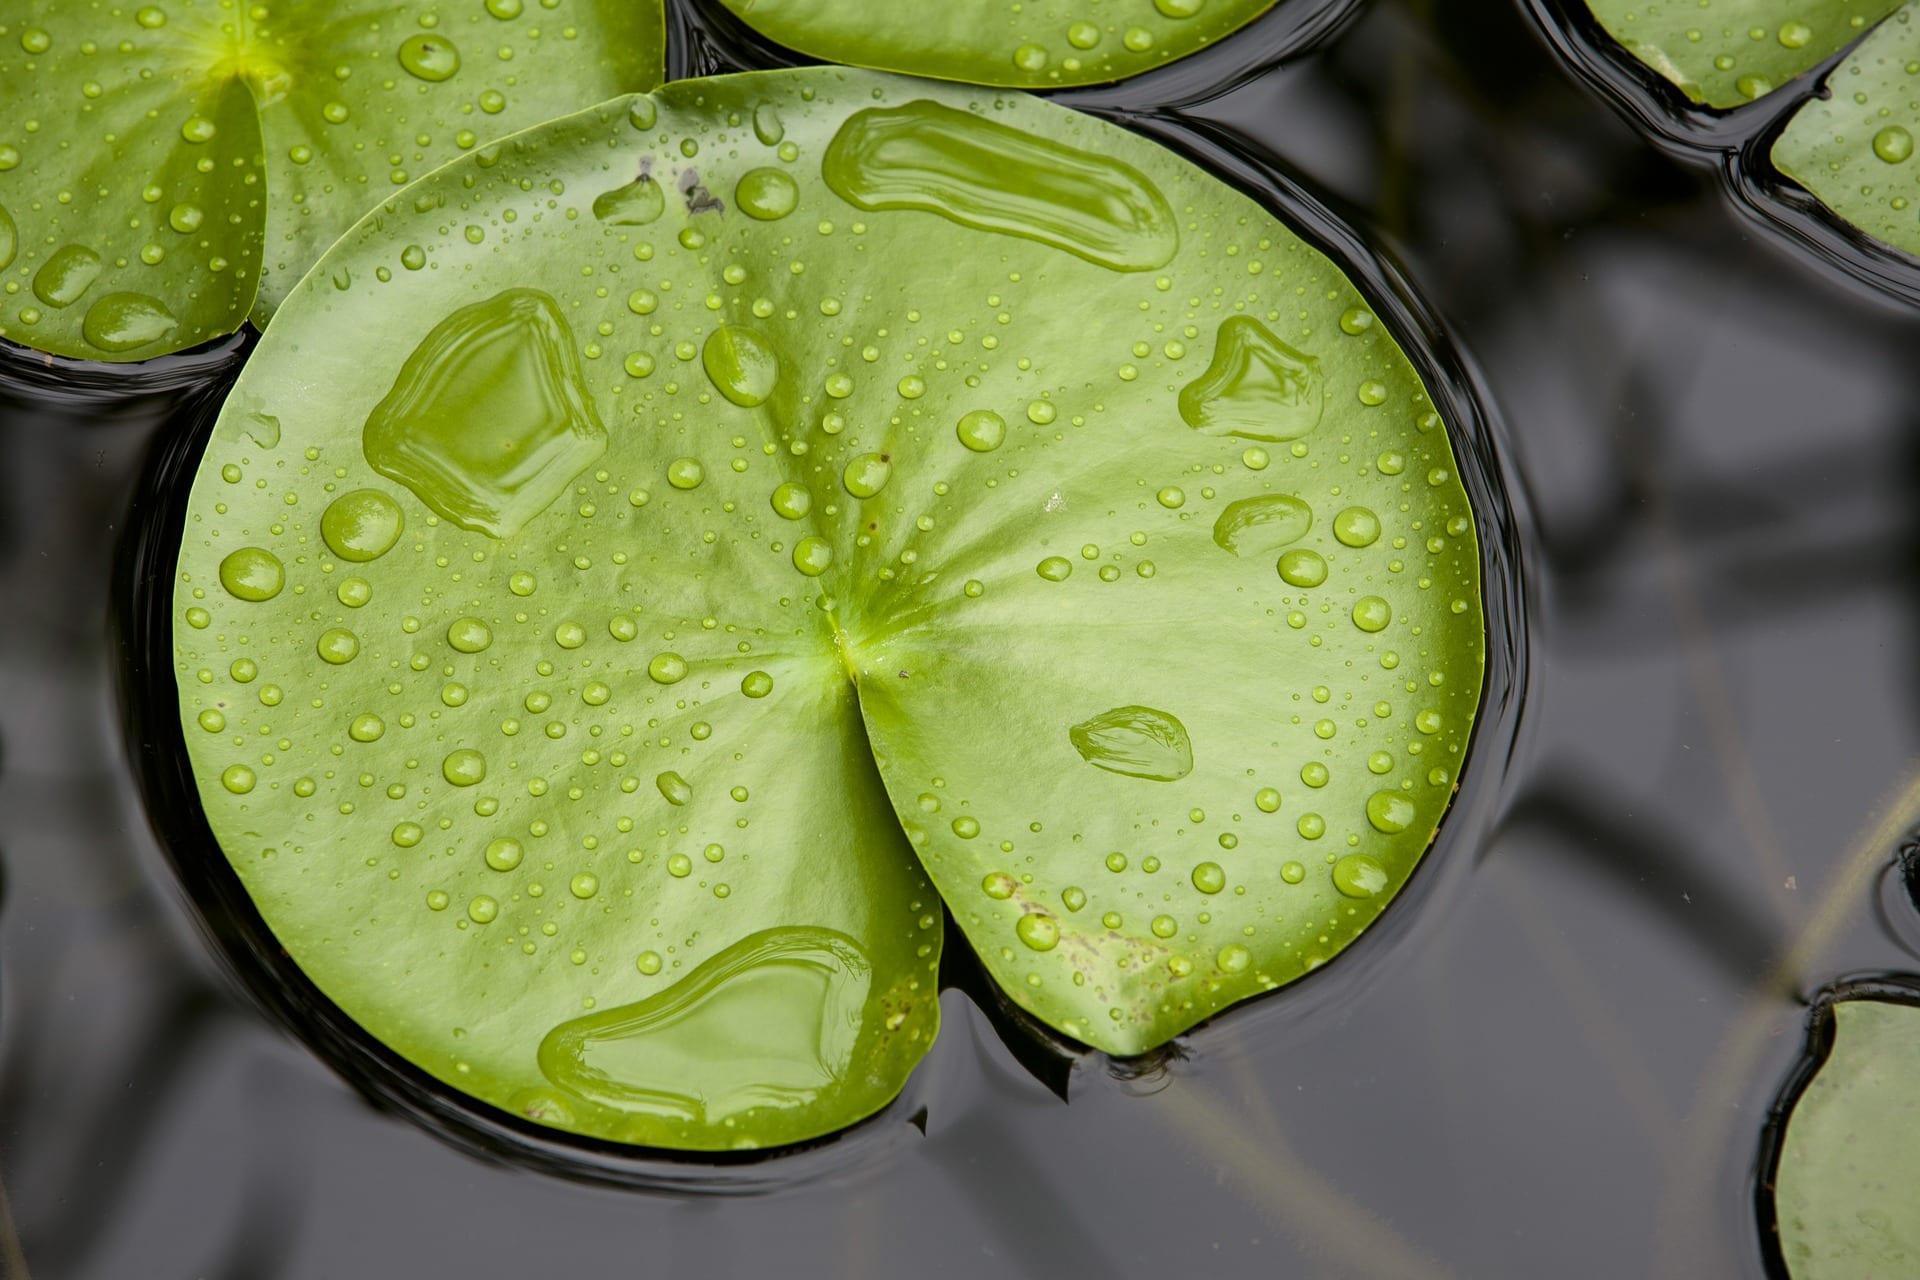 Grosses Lotosblatt mit Wassertropfen